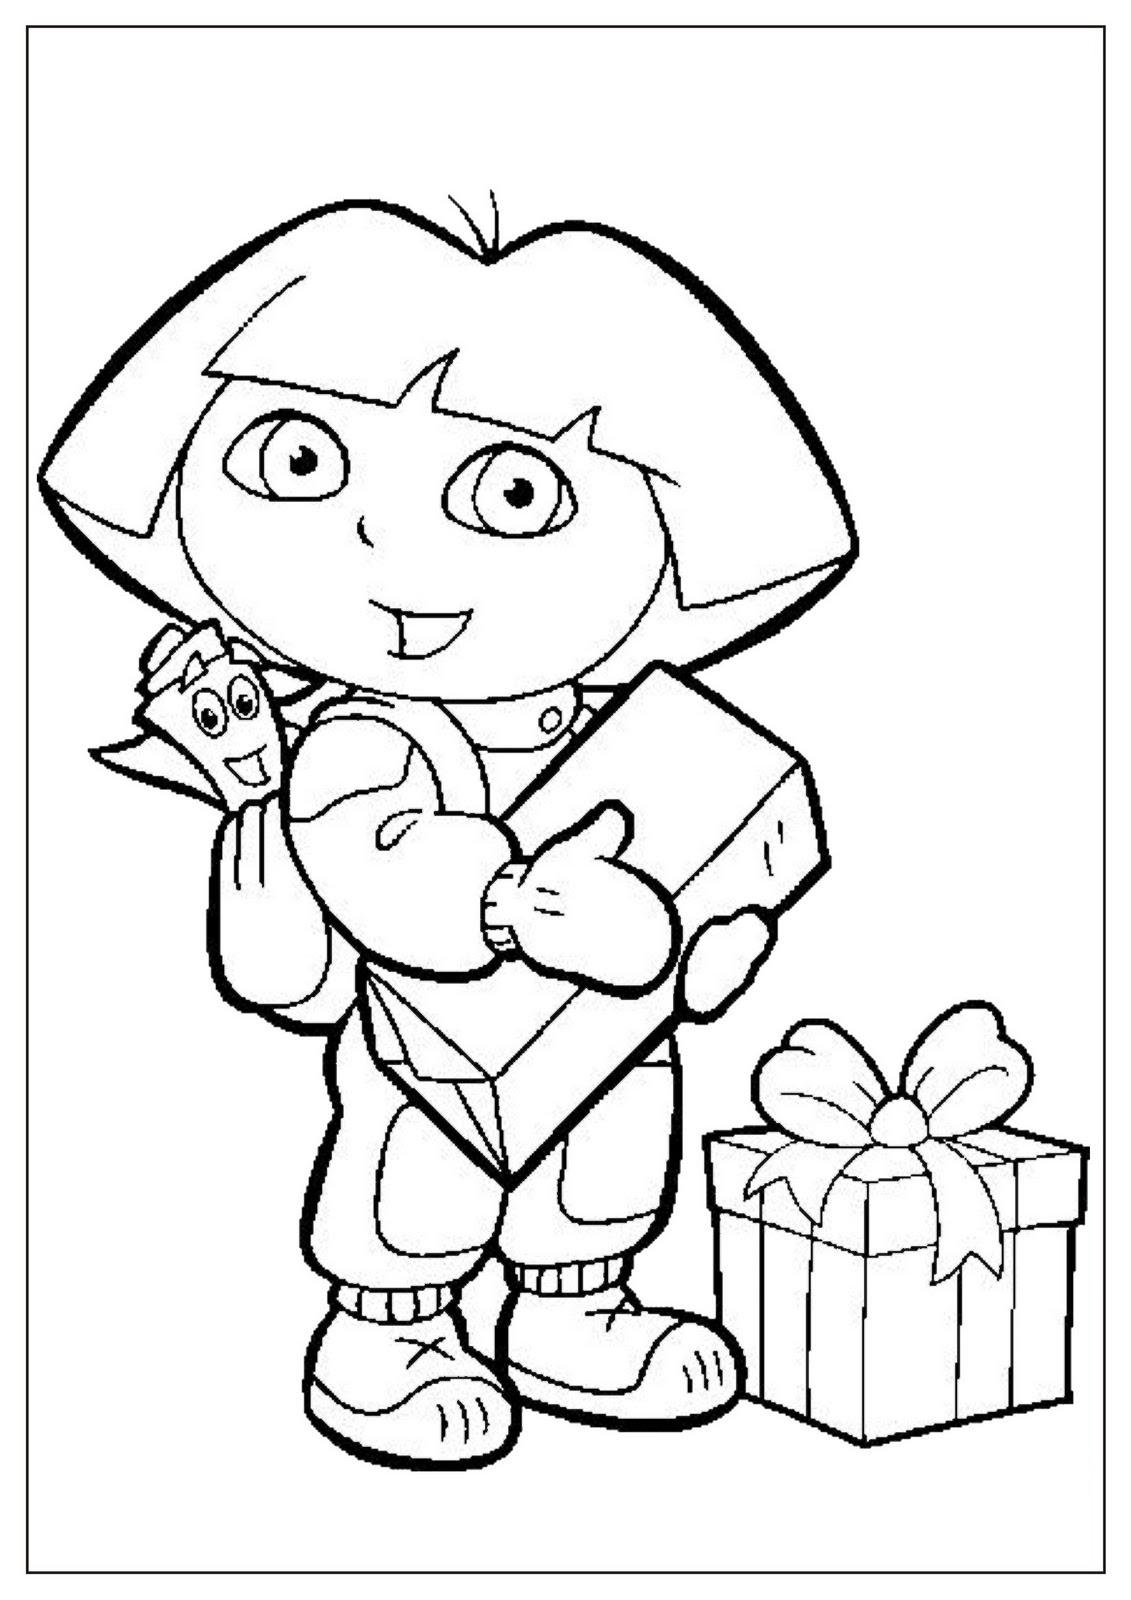 Dibujo para colorear de Dora la exploradora con Mochila y muchos regalos